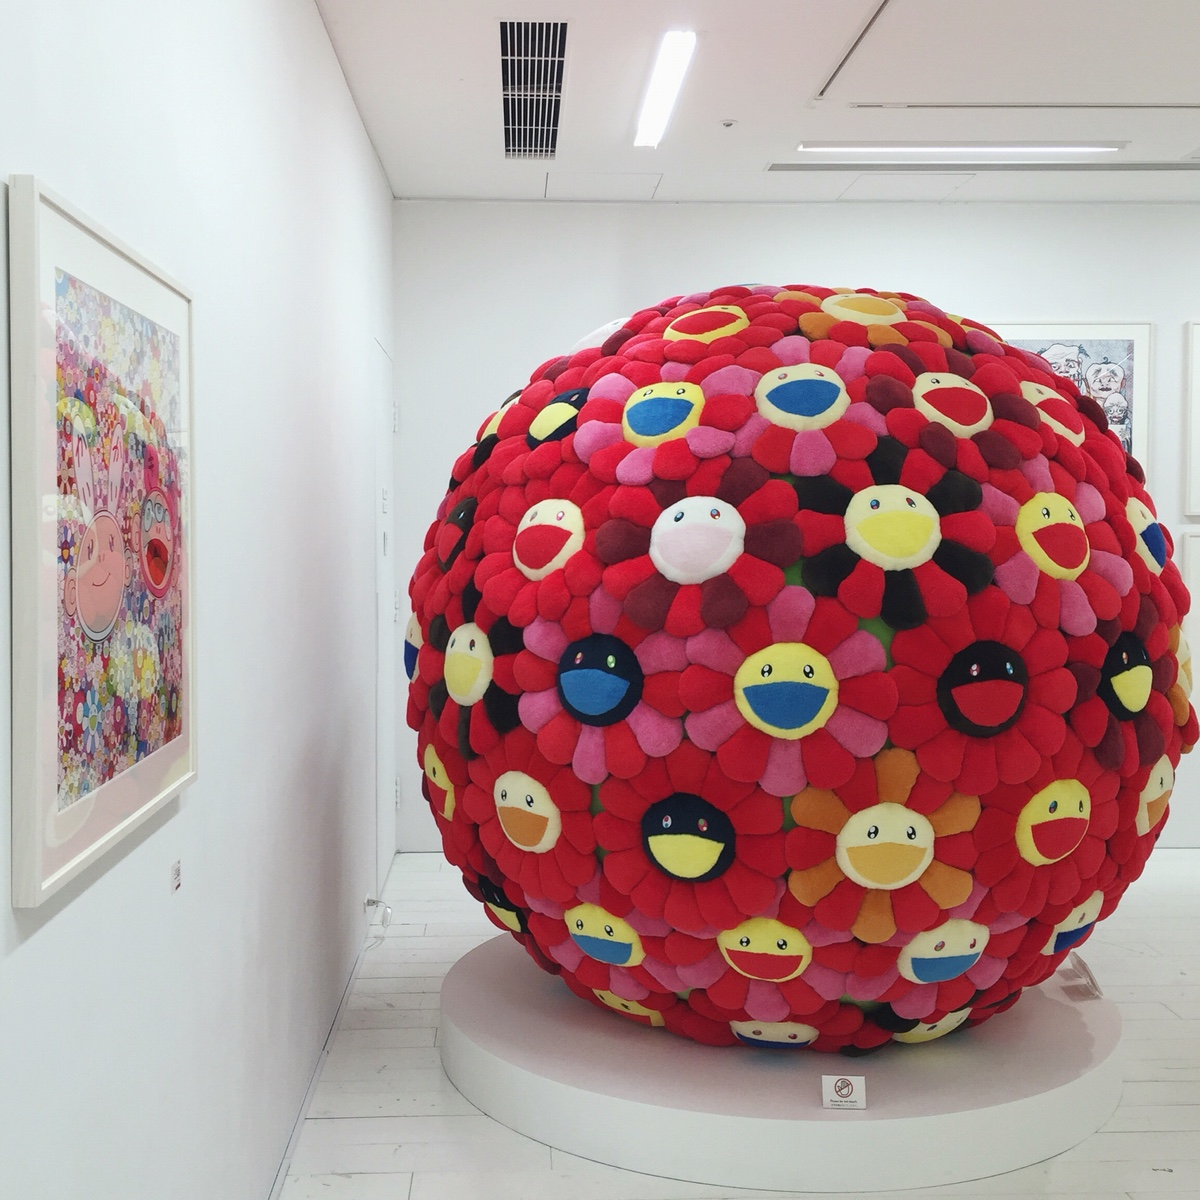 takashi-murakami-flowerball.jpg